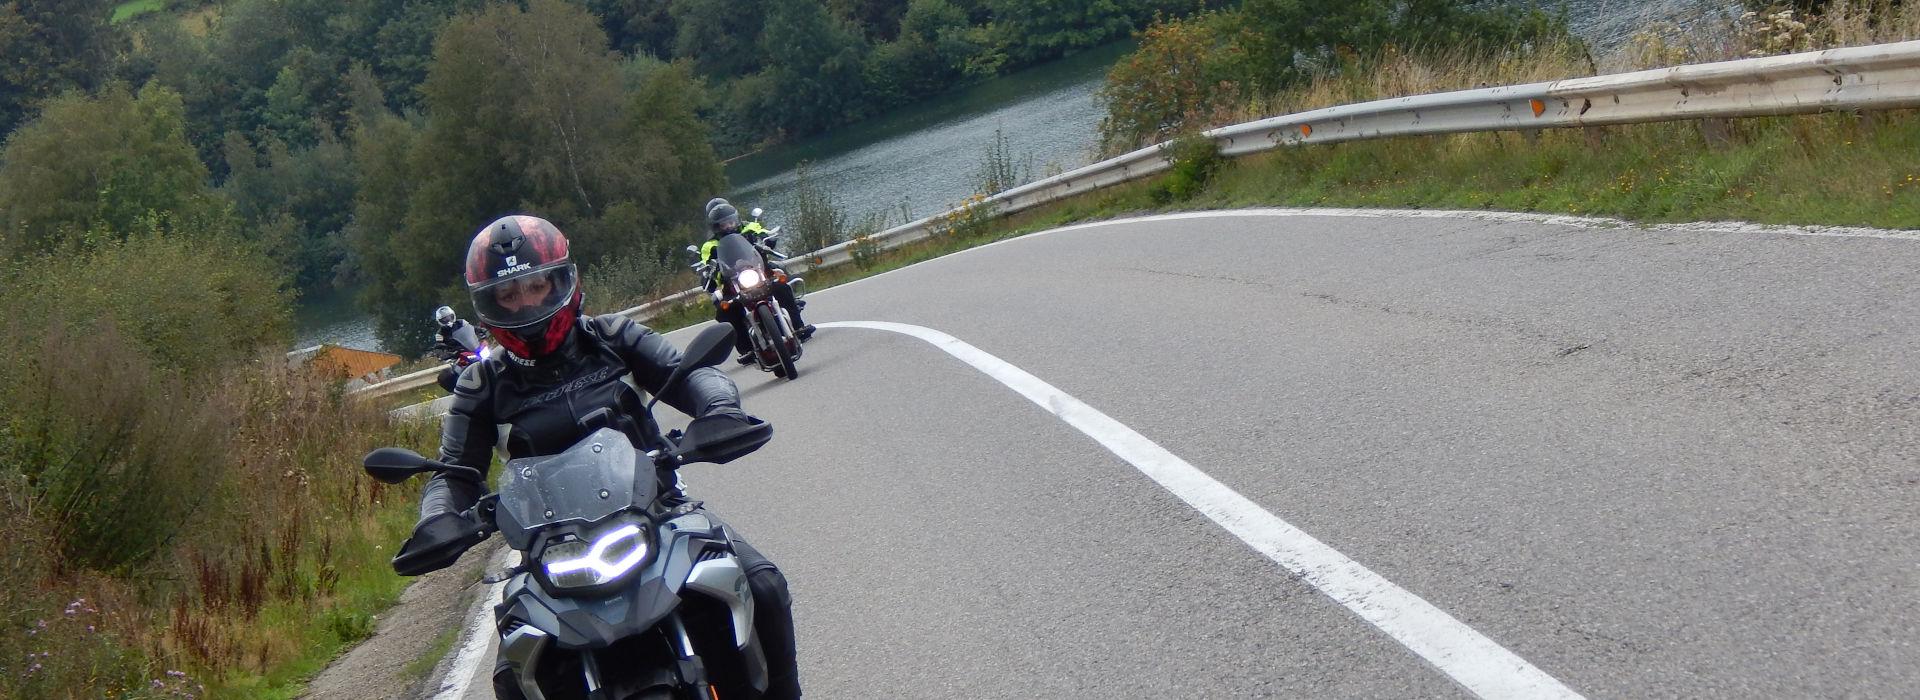 Motorrijbewijspoint Sittard-Geleen motorrijlessen